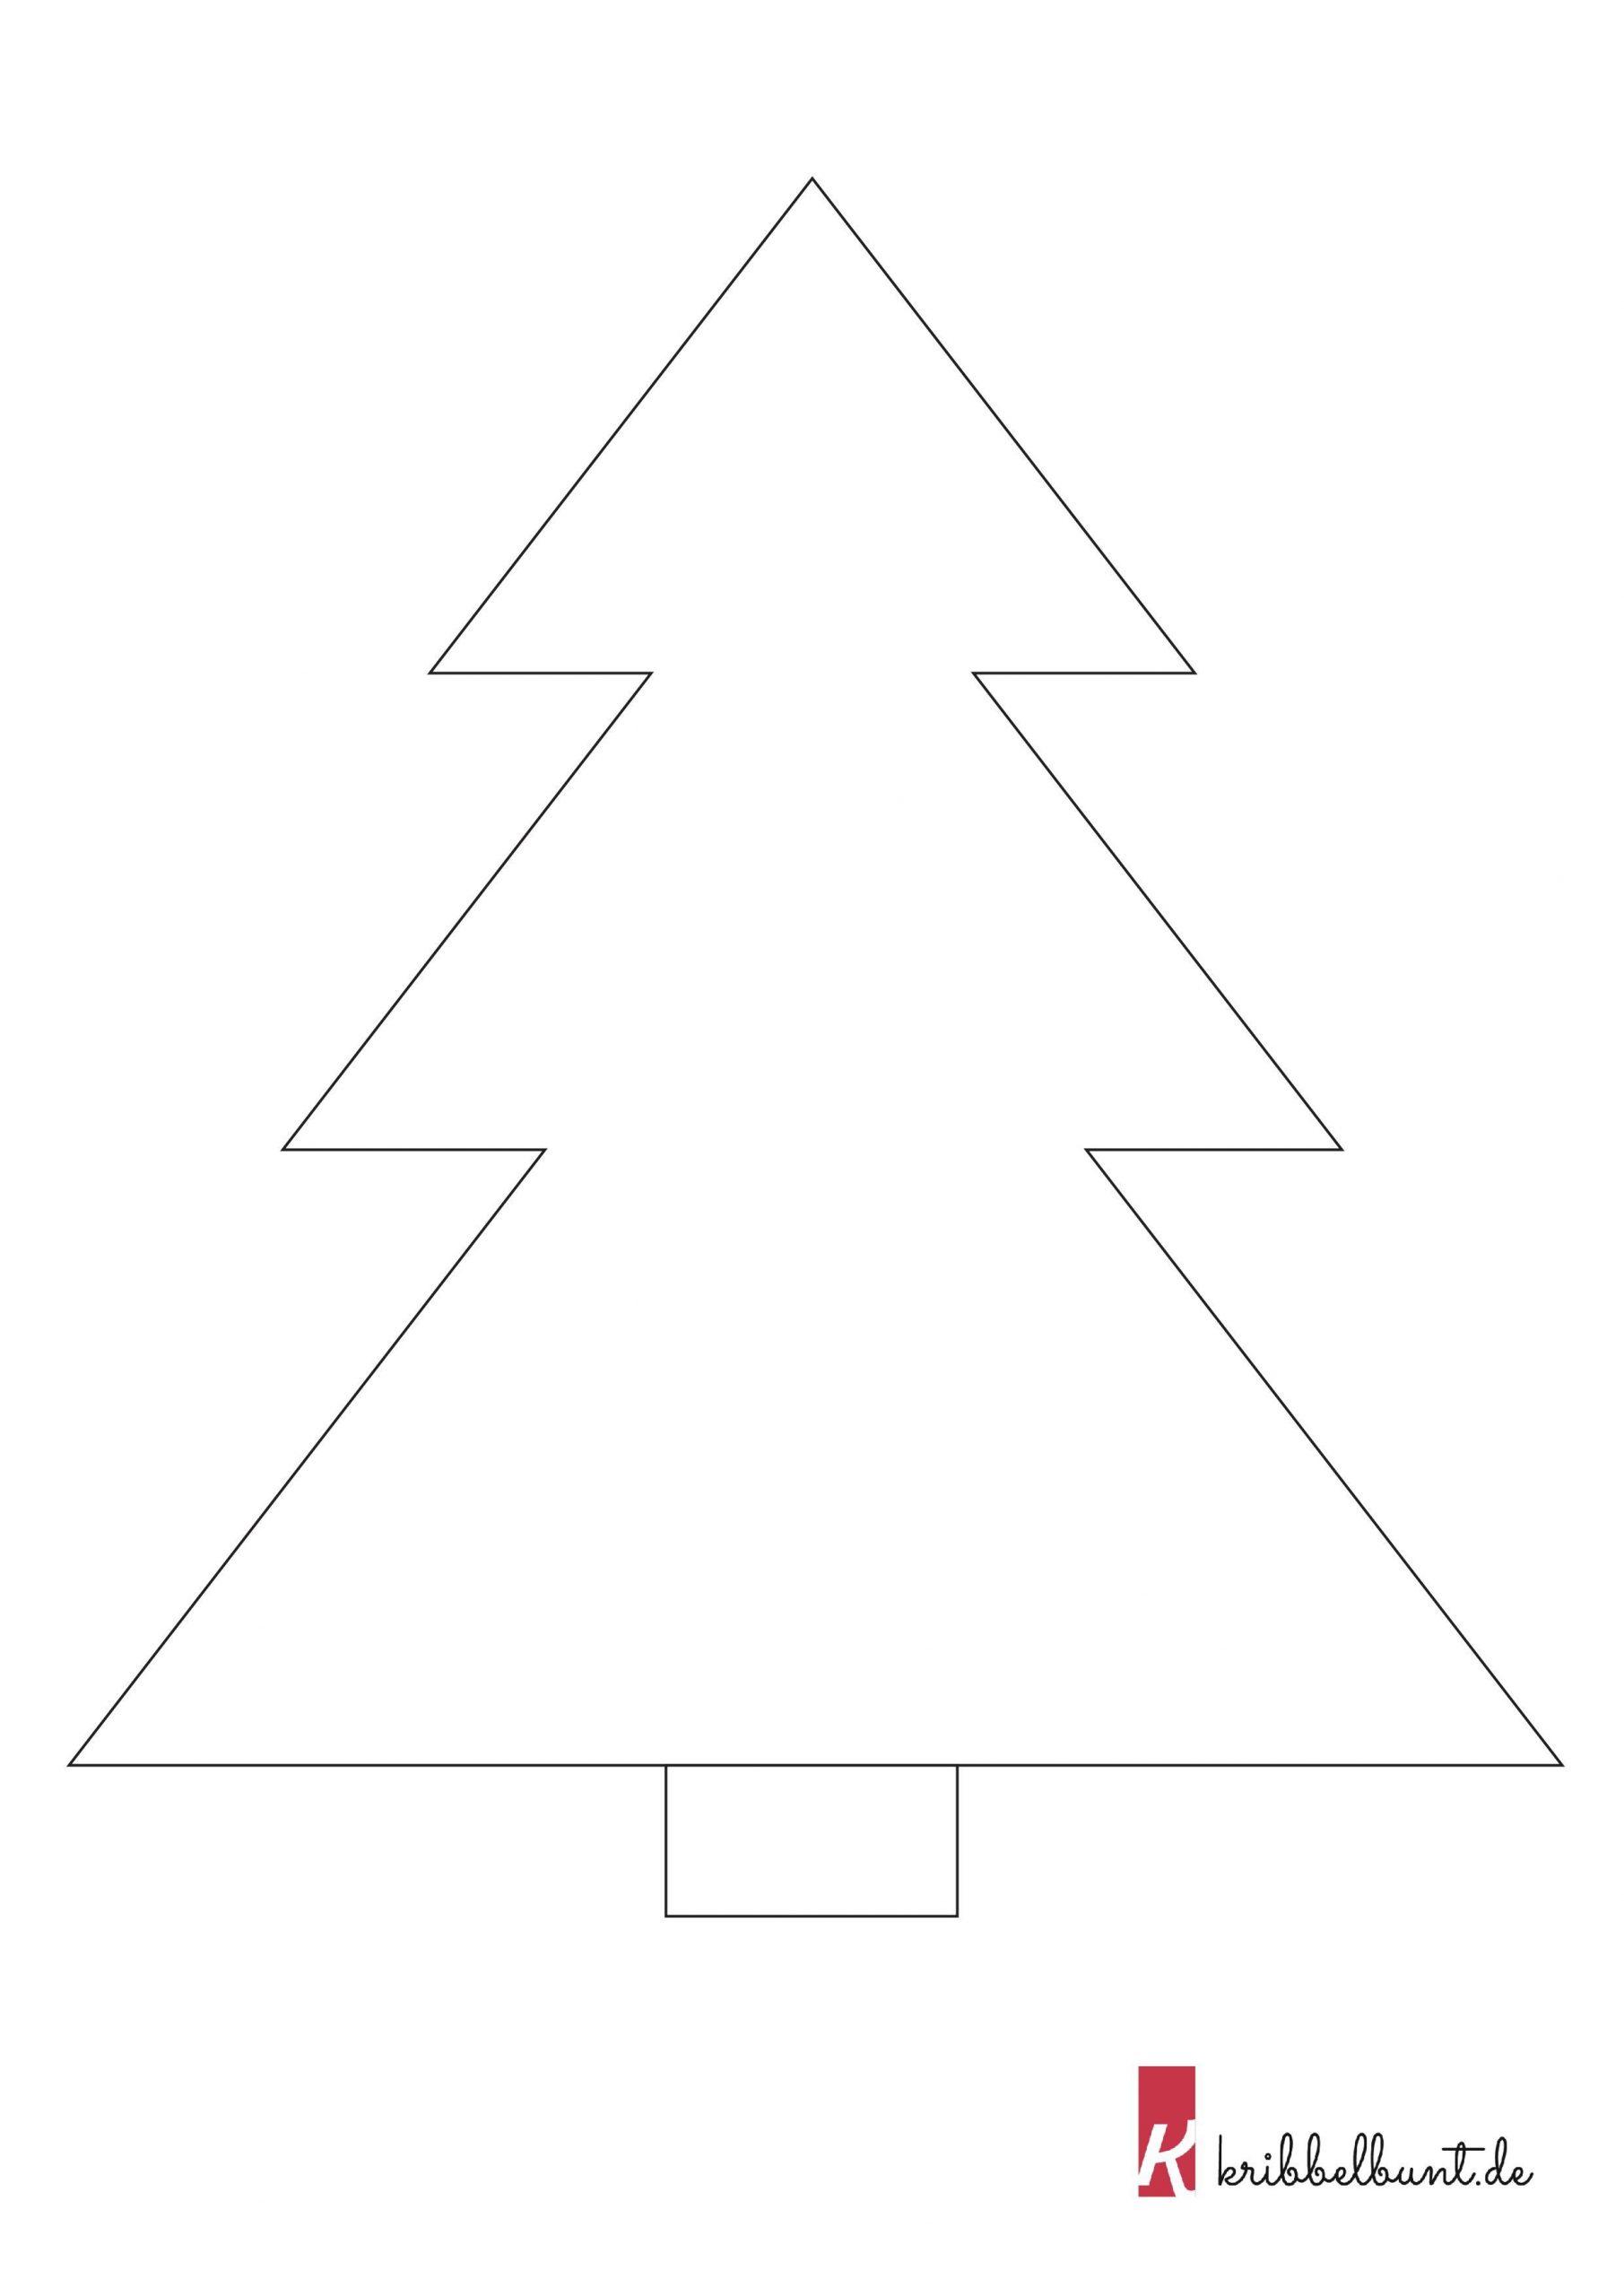 Tannenbaum Vorlage (Mit Bildern) | Tannenbaum Vorlage in Bastelvorlagen Weihnachten Zum Ausdrucken Kostenlos